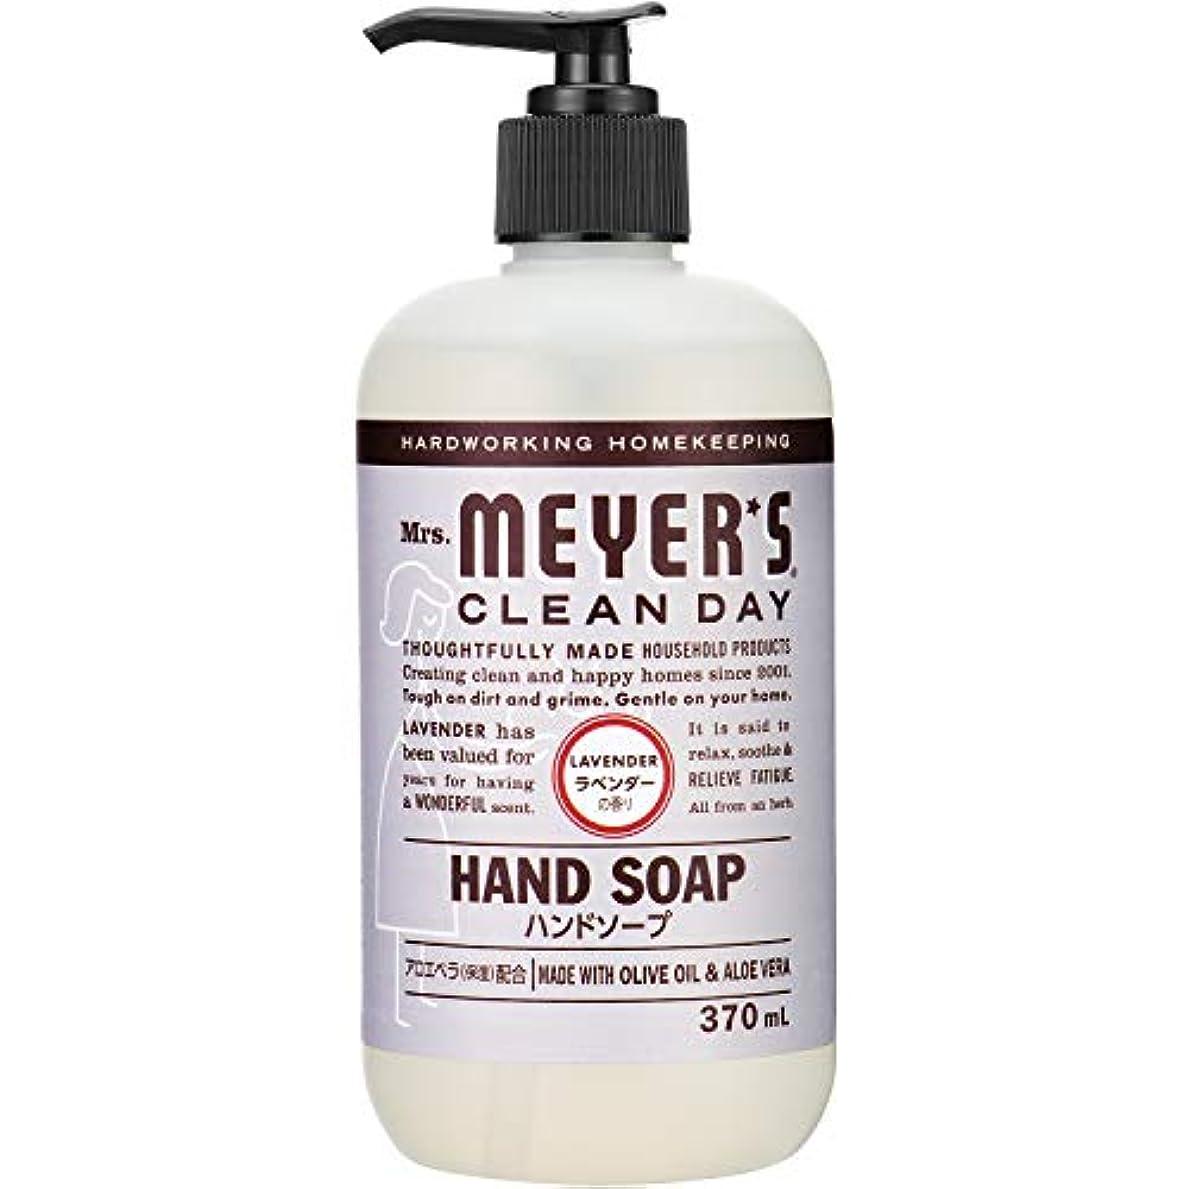 アプライアンス外部置換ミセスマイヤーズ クリーンデイ(Mrs.Meyers Clean Day) ハンドソープ ラベンダーの香り 370ml